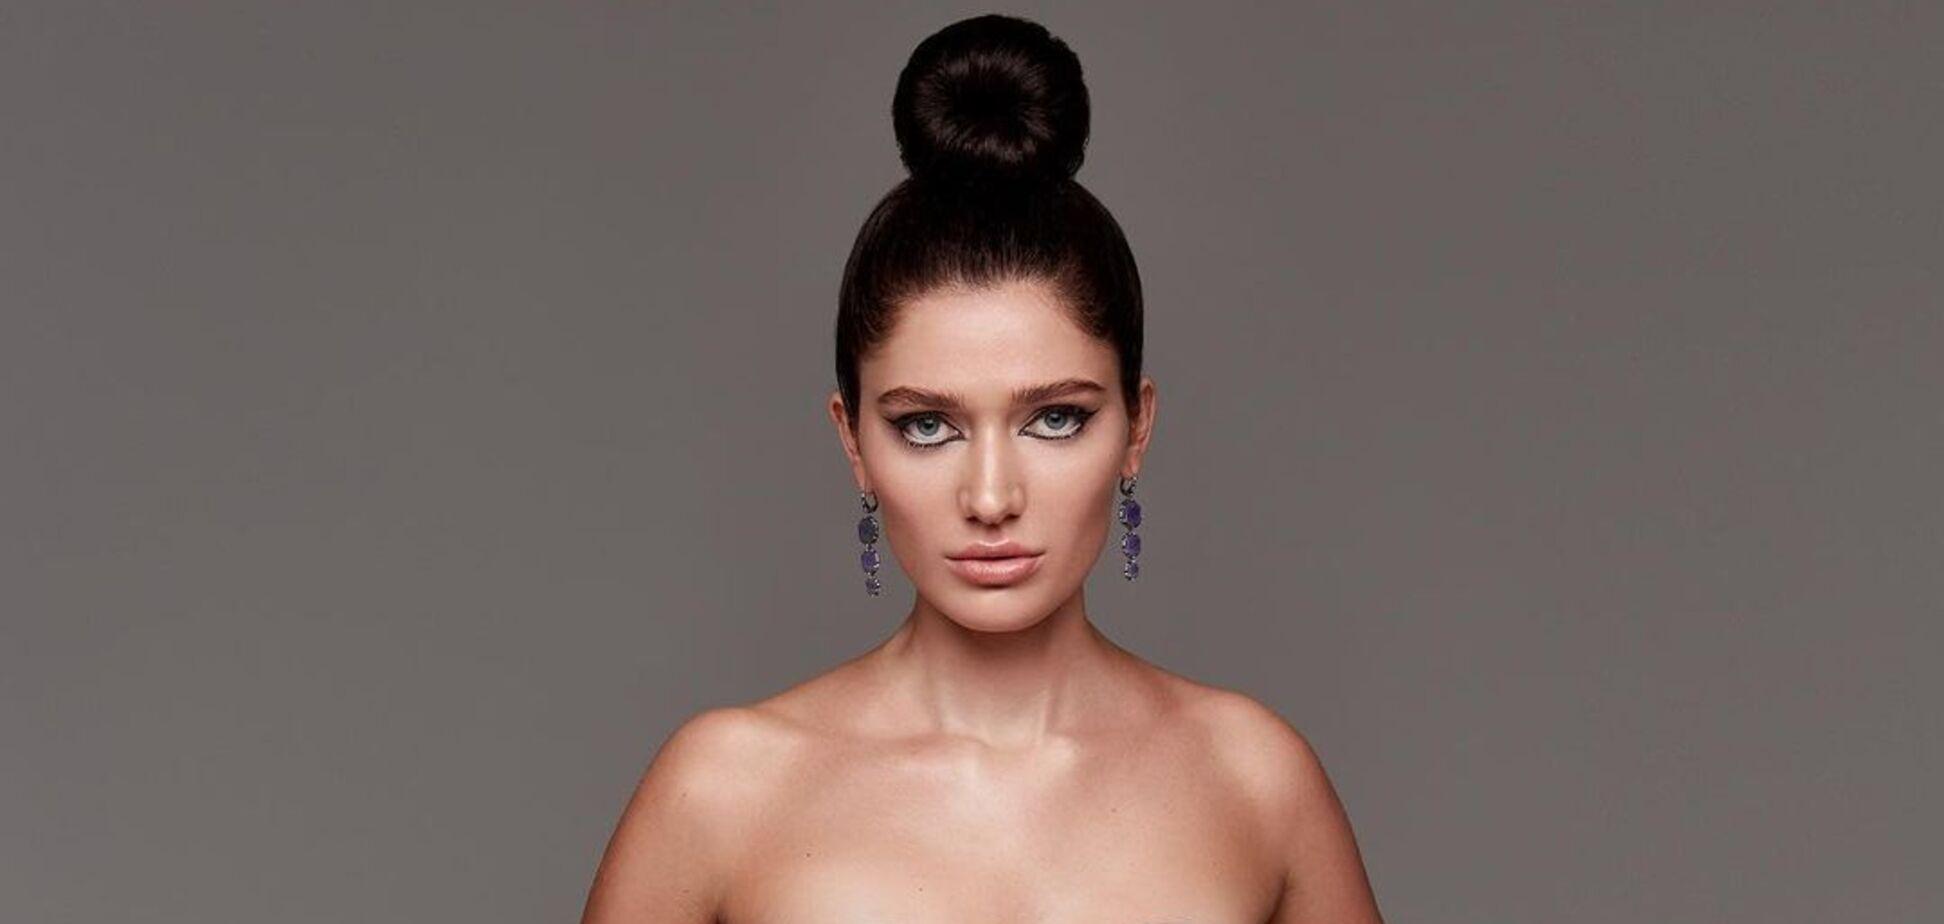 Ястремська прилетіла на конкурс 'Міс Всесвіт': з'явилося перше фото з Голлівуду